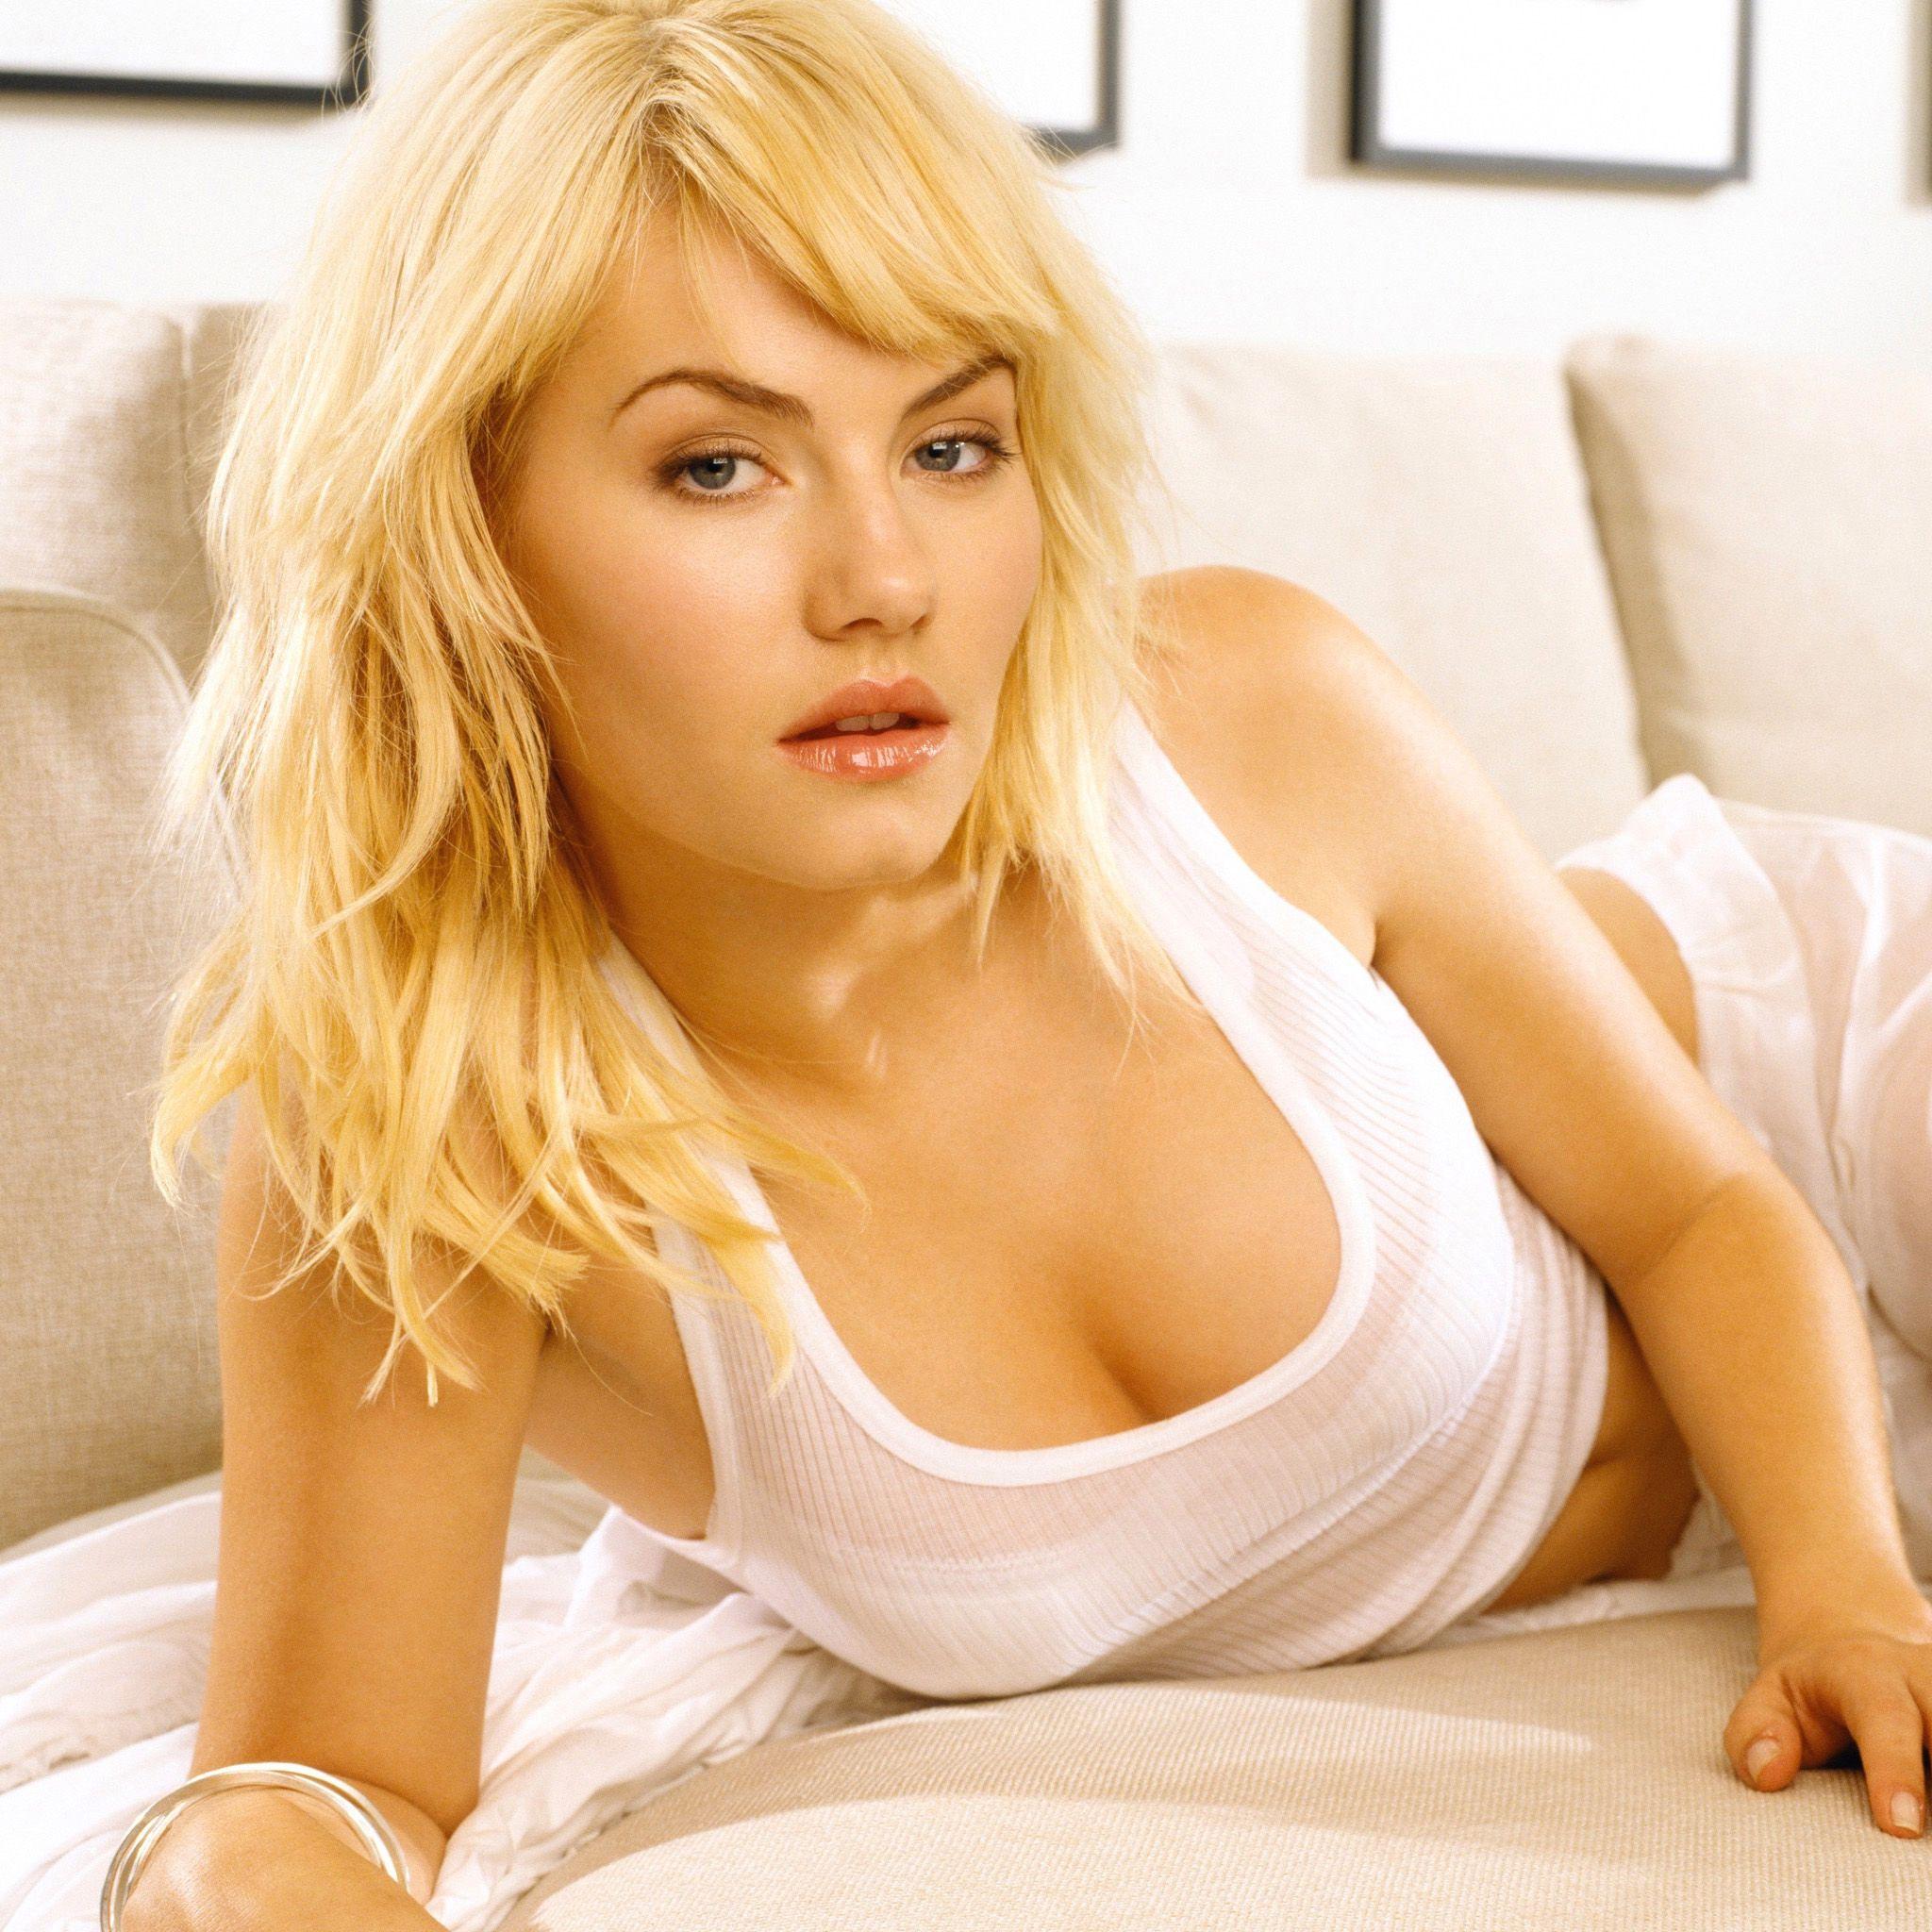 Hot sexy celeb